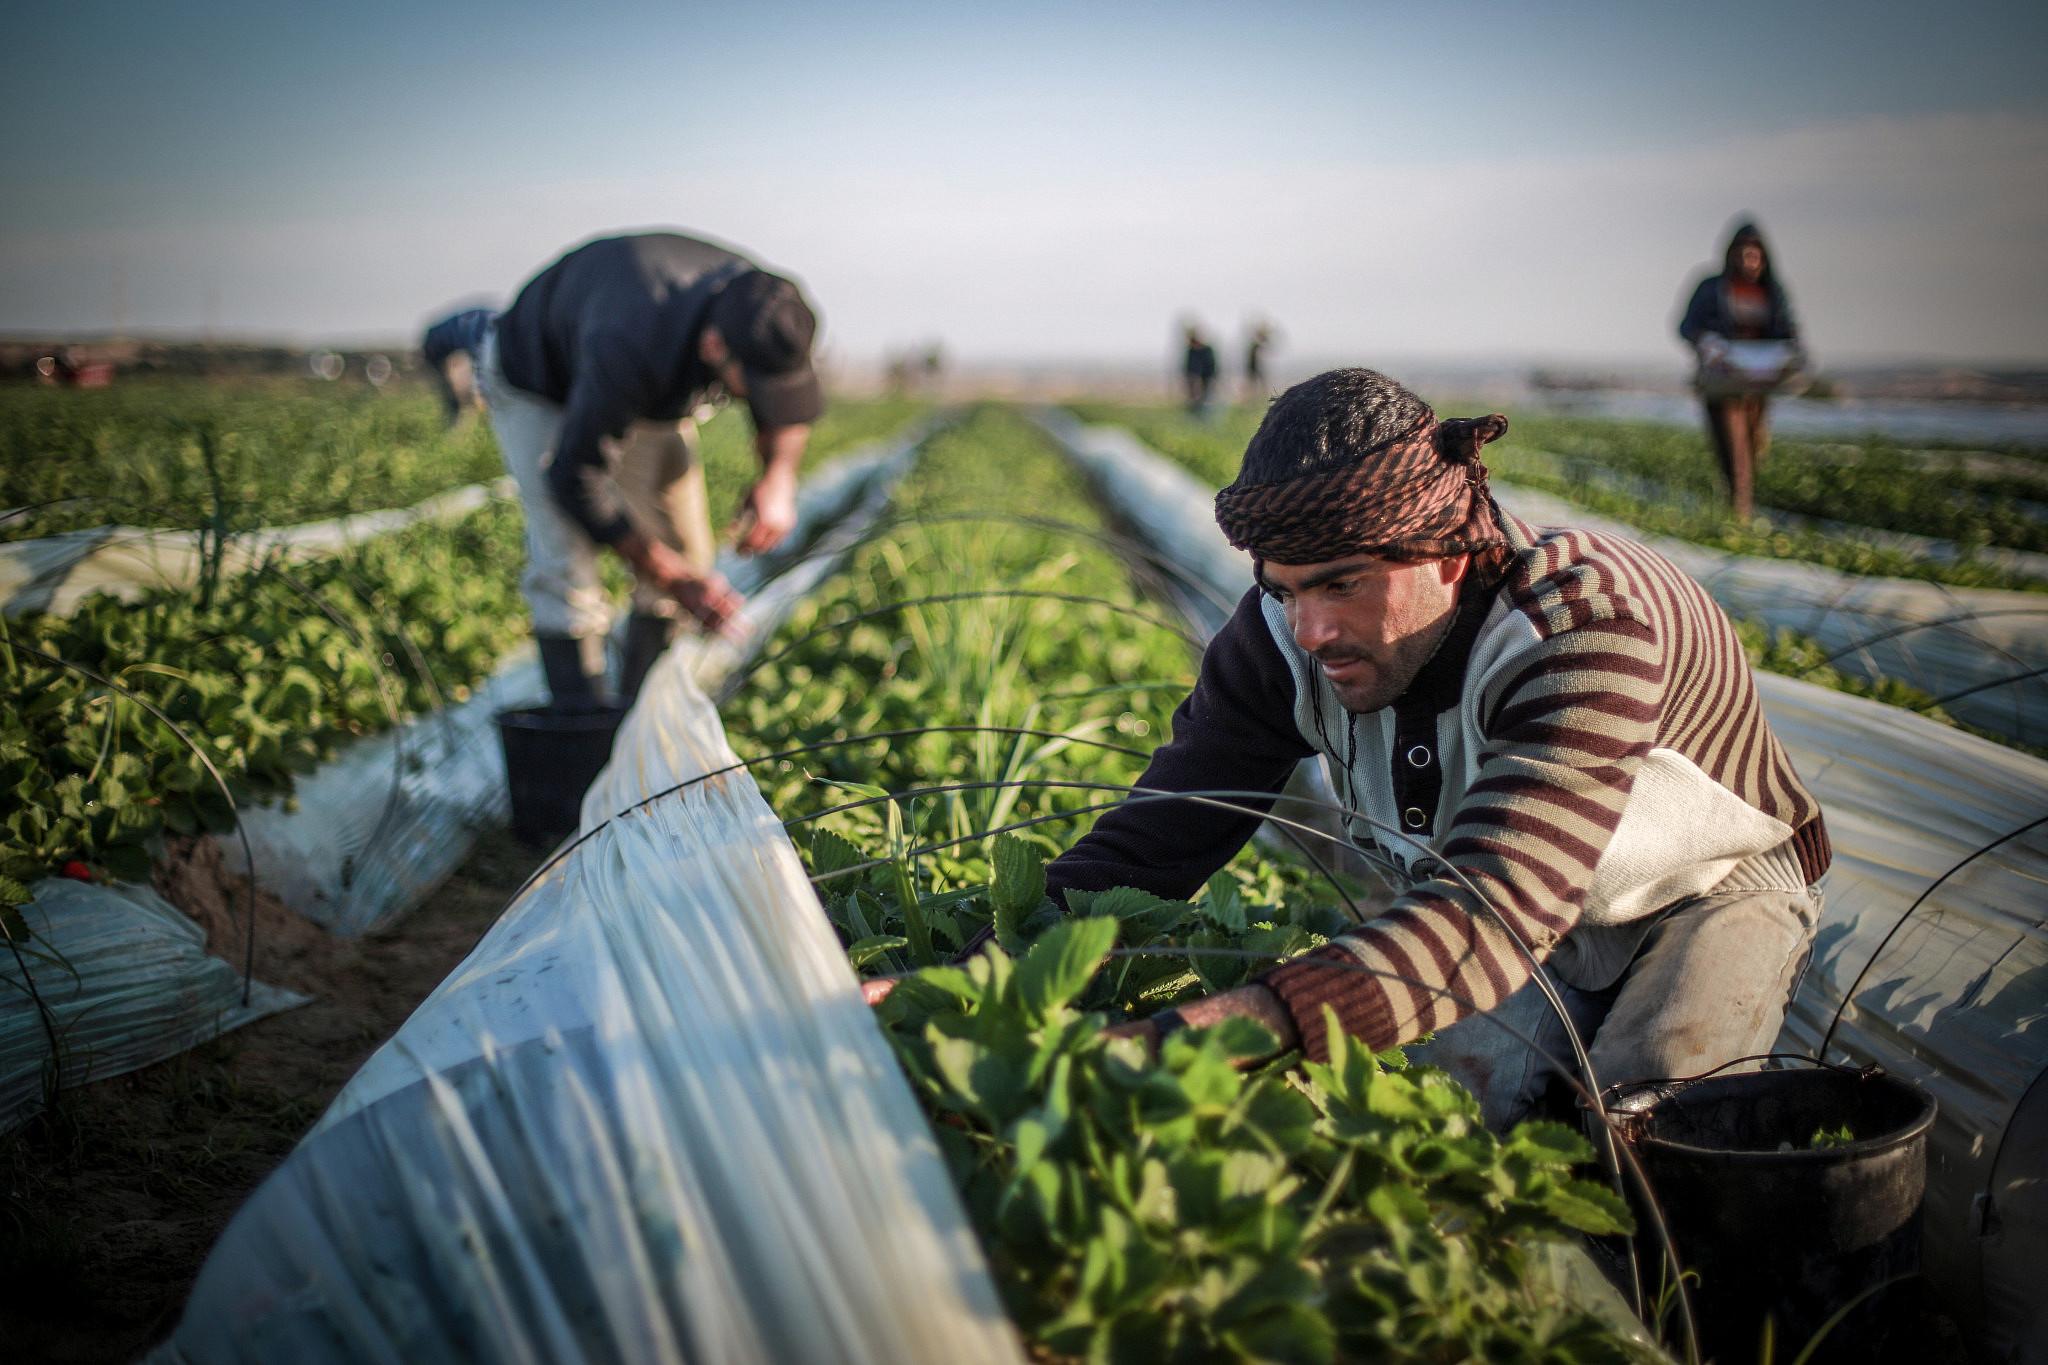 Palestinians harvest strawberries in a field in Beit Lahia, northern Gaza Strip, Dec. 30, 2015. (Emad Nassar/Flash90)